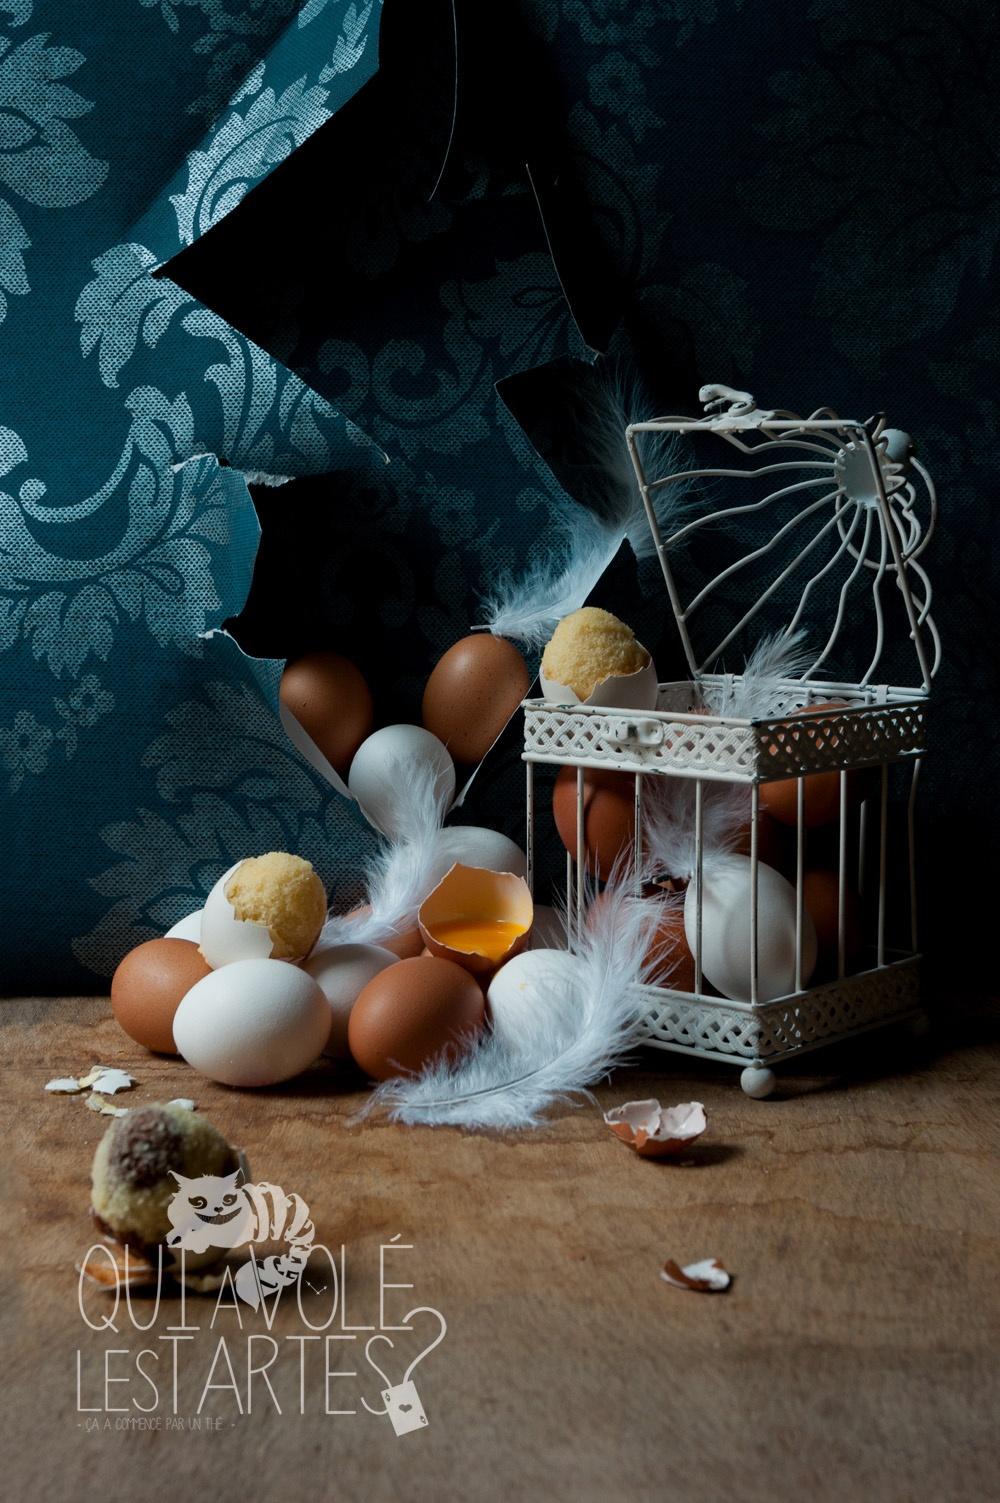 Oeufs cachés 2 - Studio de création - Qui a volé les tartes